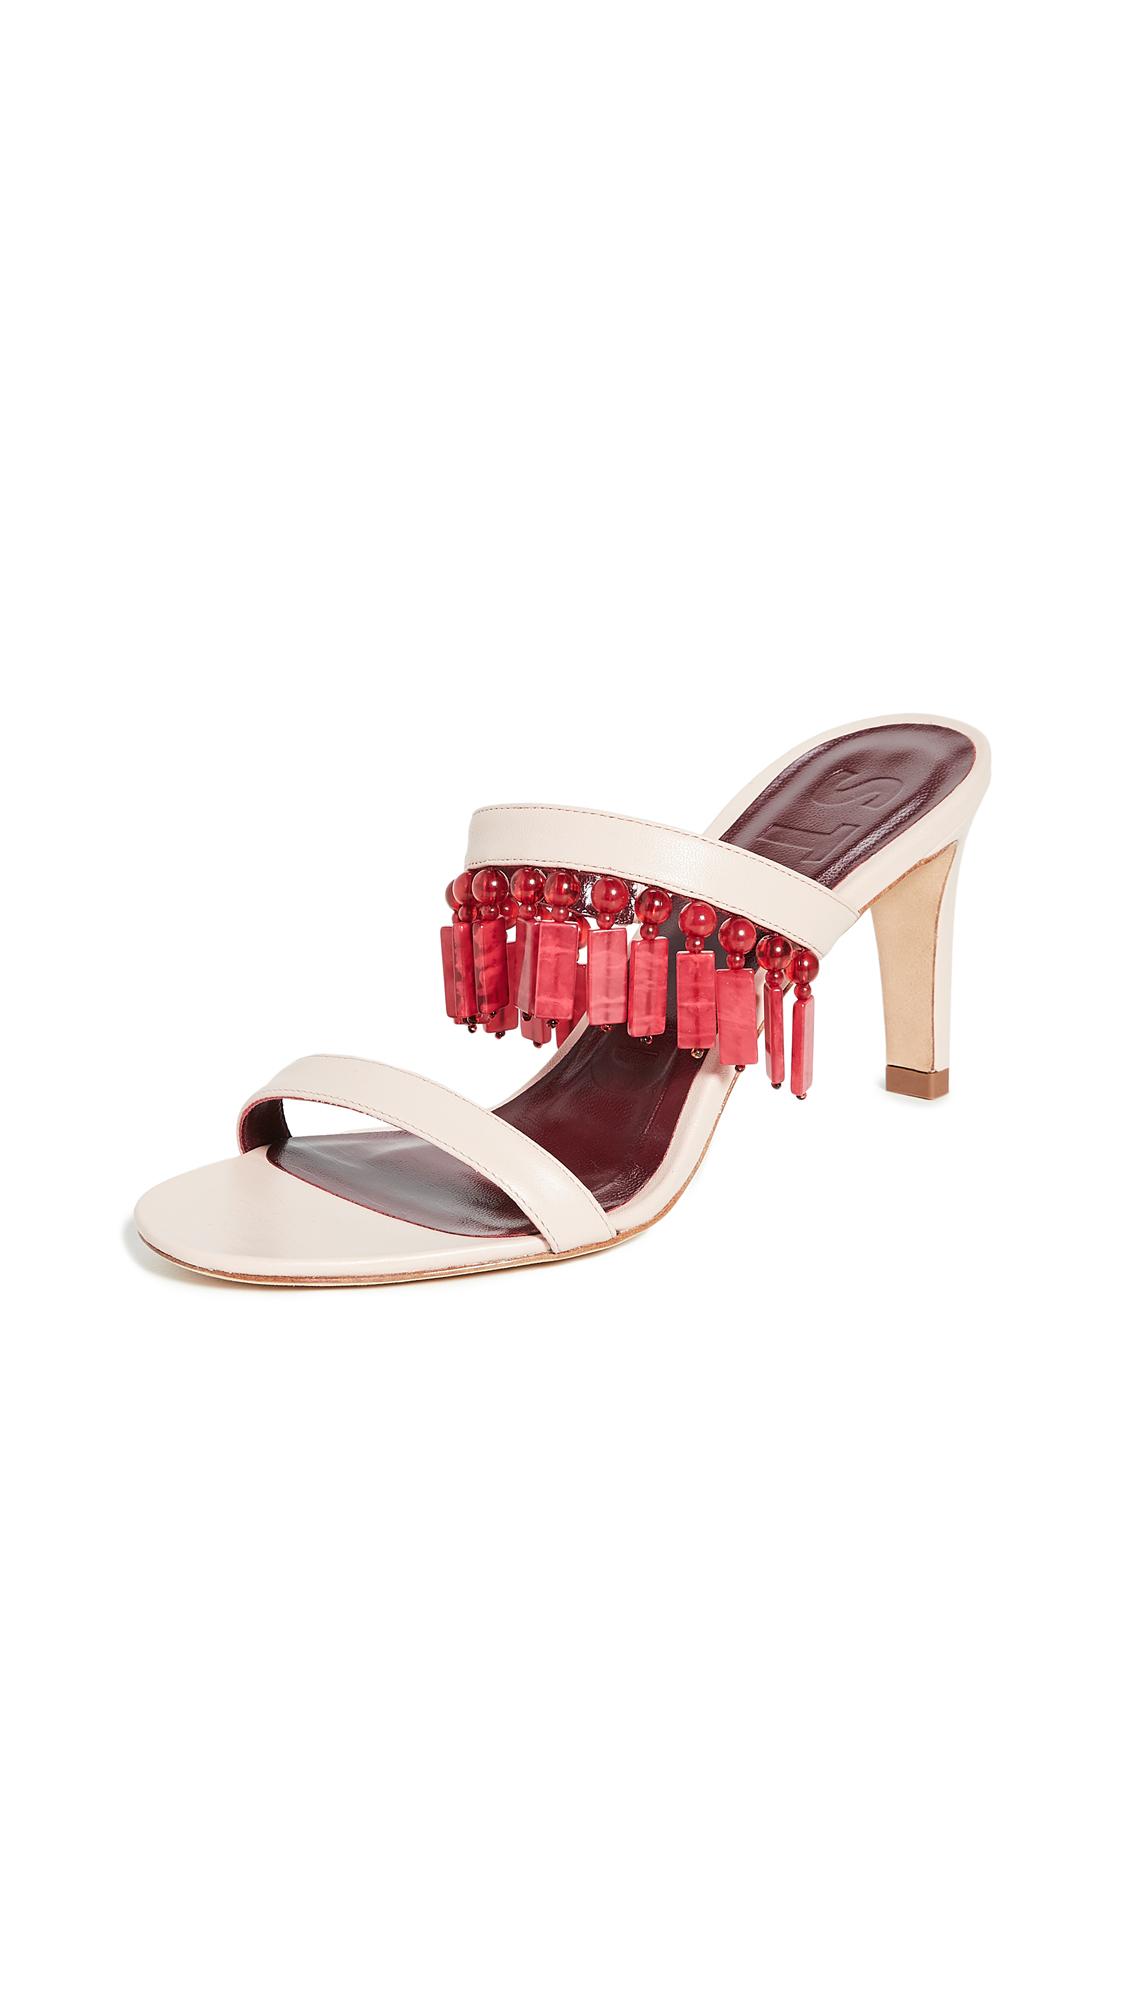 Buy STAUD Raoule Sandals online, shop STAUD